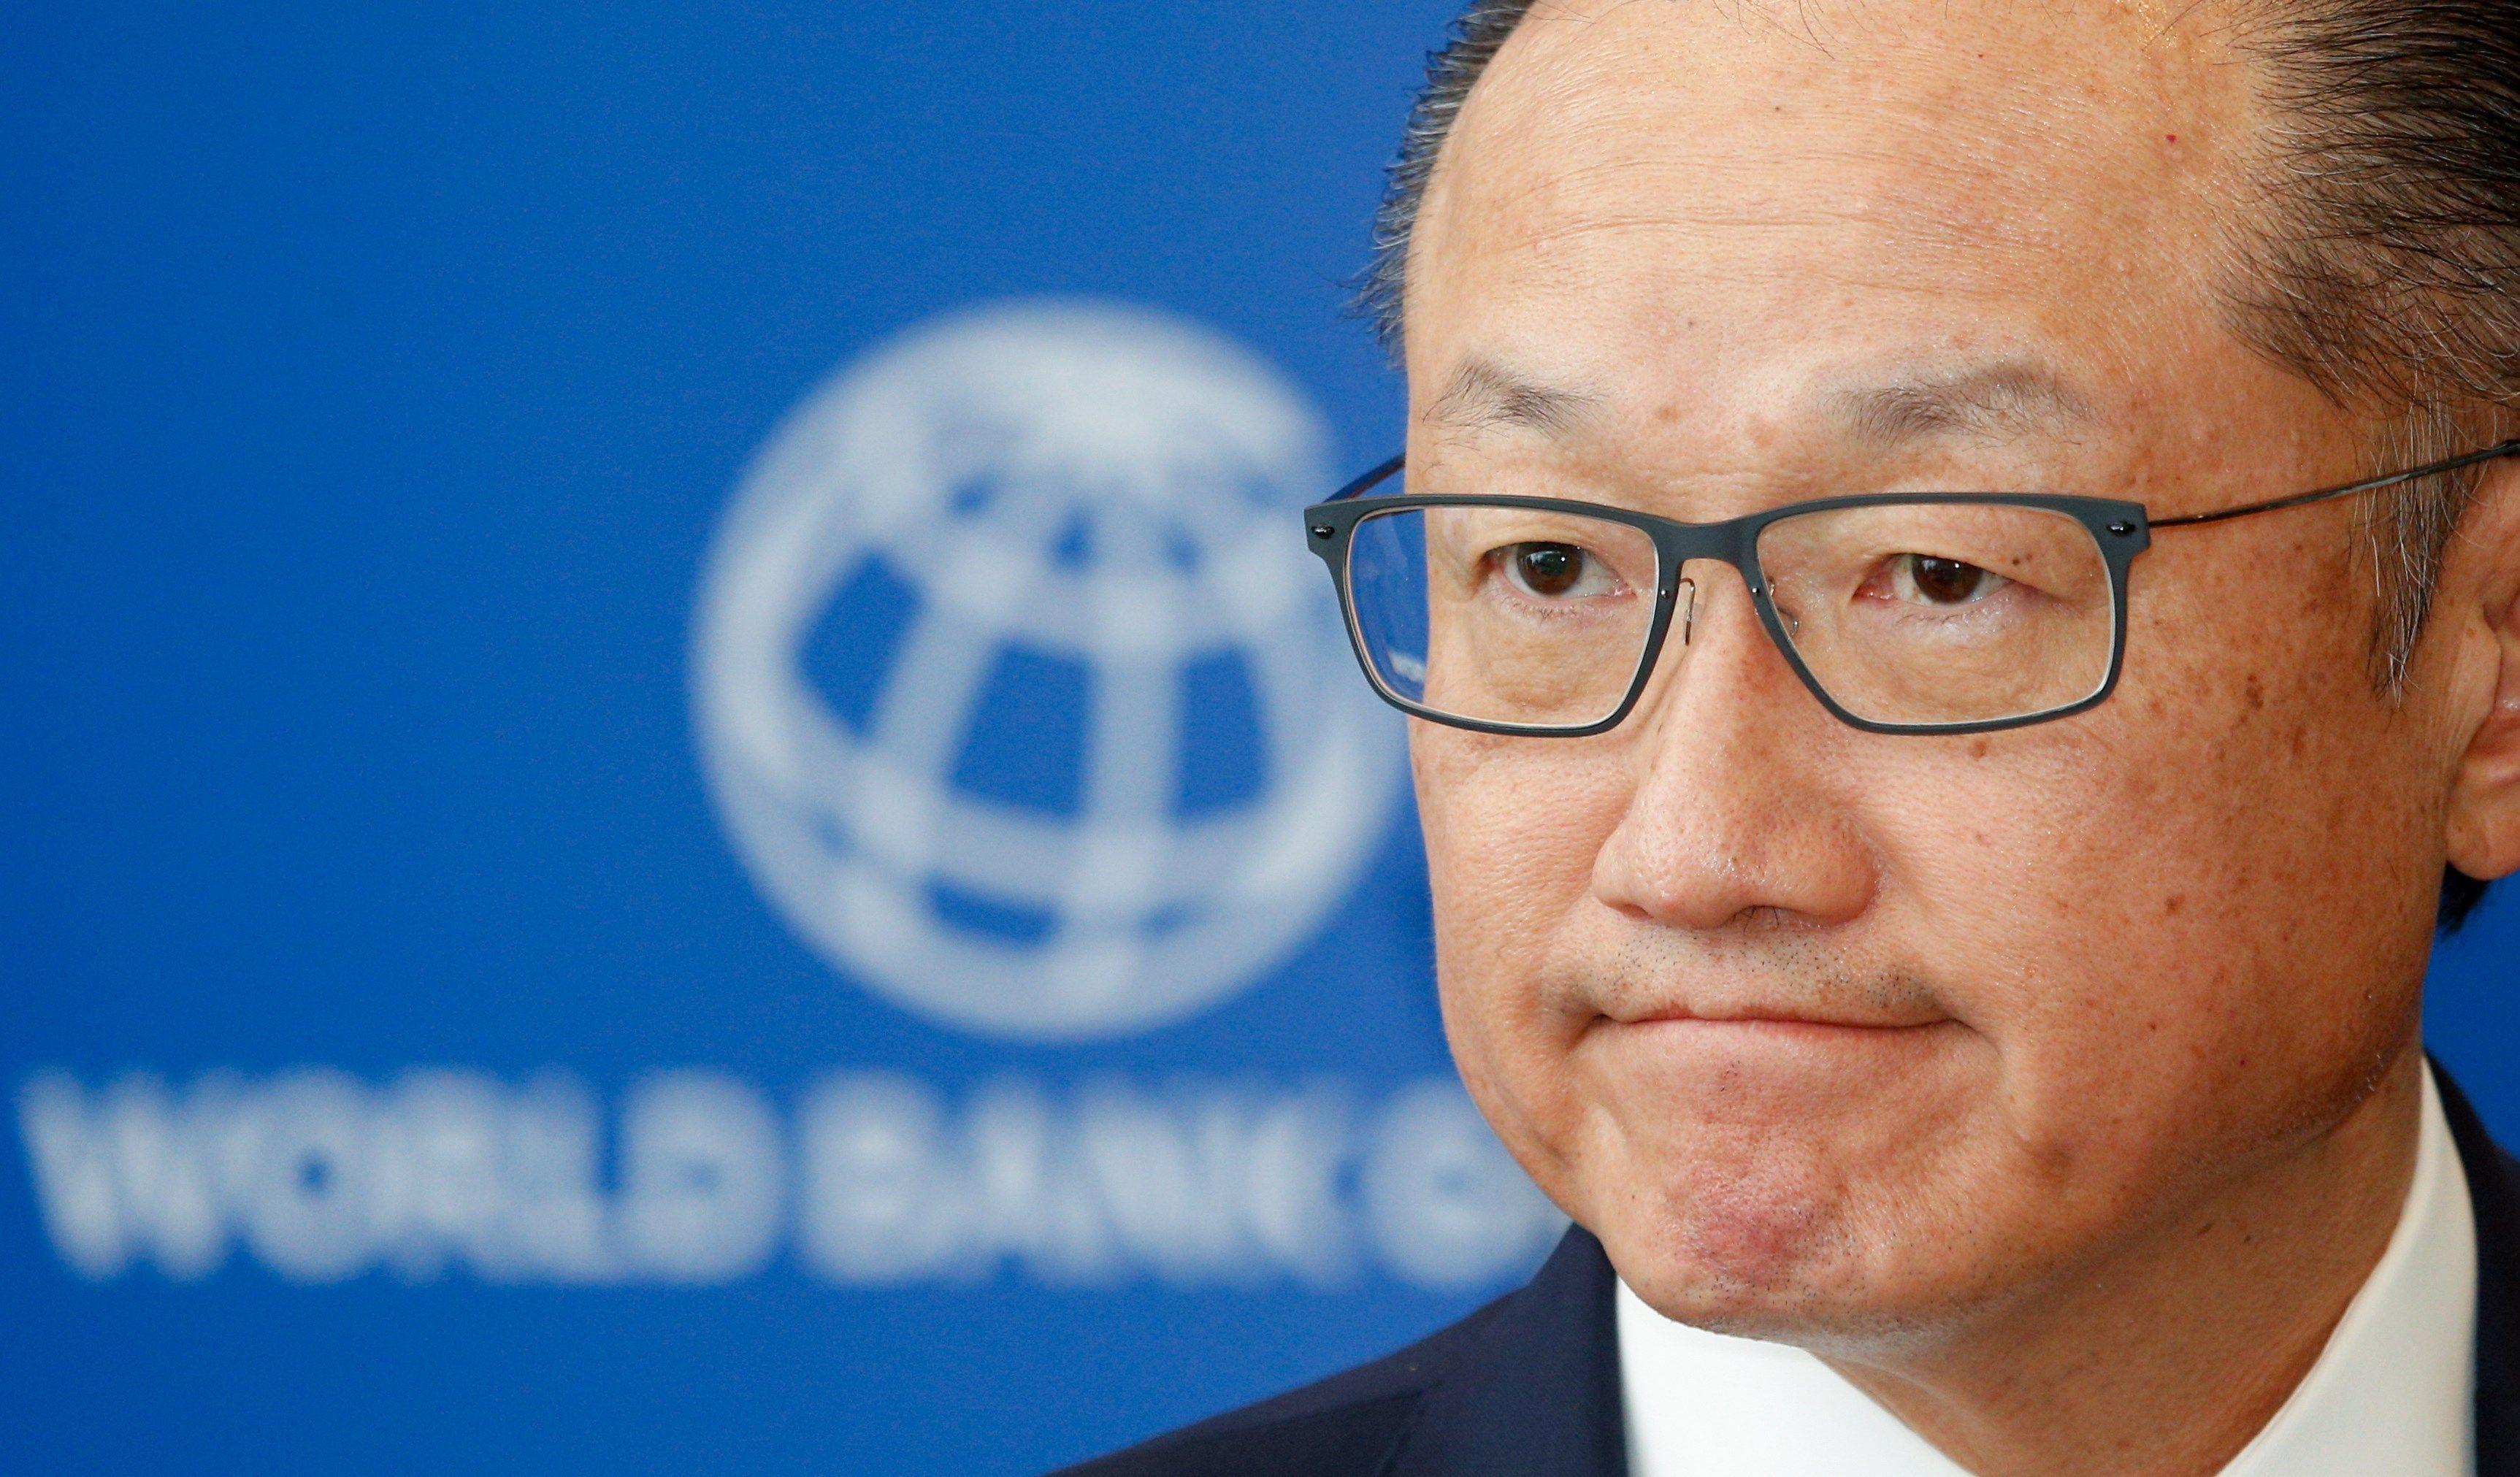 El presidente del Banco MundialJim Yong Kim renunció al cargo la semana pasada. Se informó que la economista y política búlgara Kristalina Georgieva lo sustituirá de forma interina. (Foto, Prensa Libre: Efe).